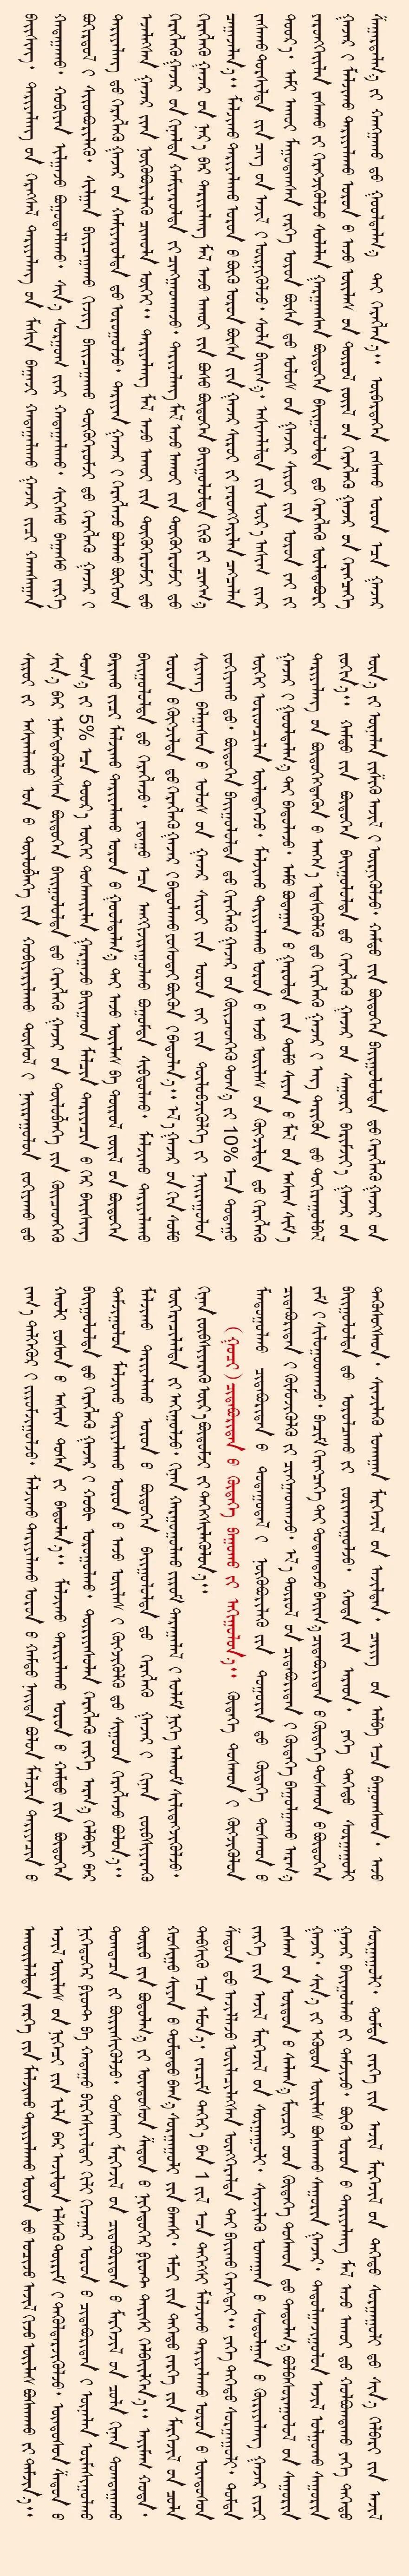 【重磅】蒙古文版《实施意见》(全文)来了 第15张